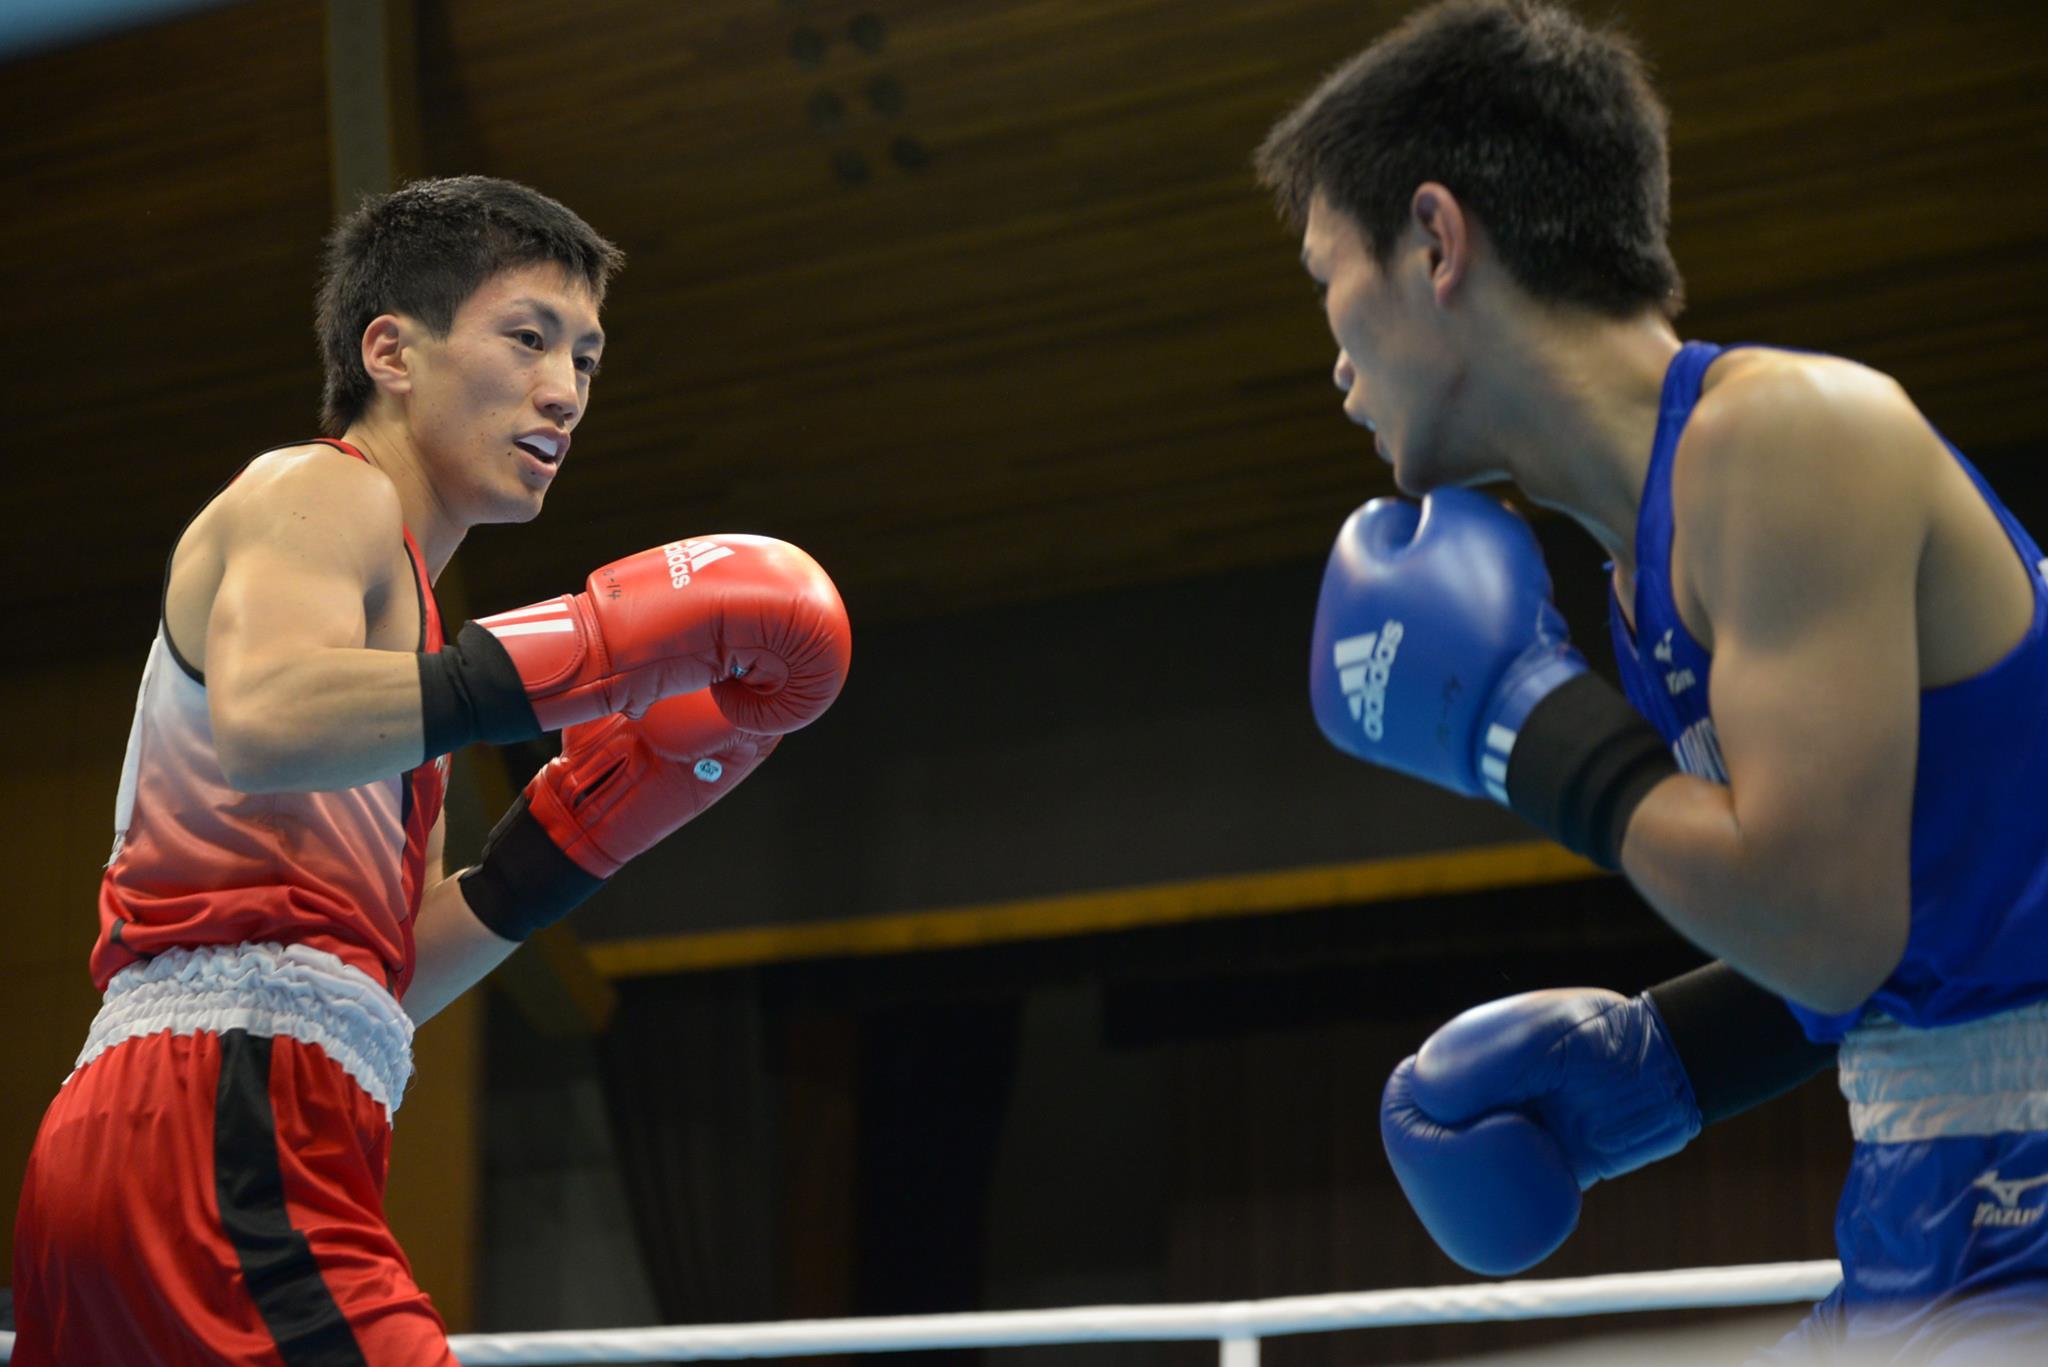 Daisuke Narimatsu vs. Yuta Akiyama